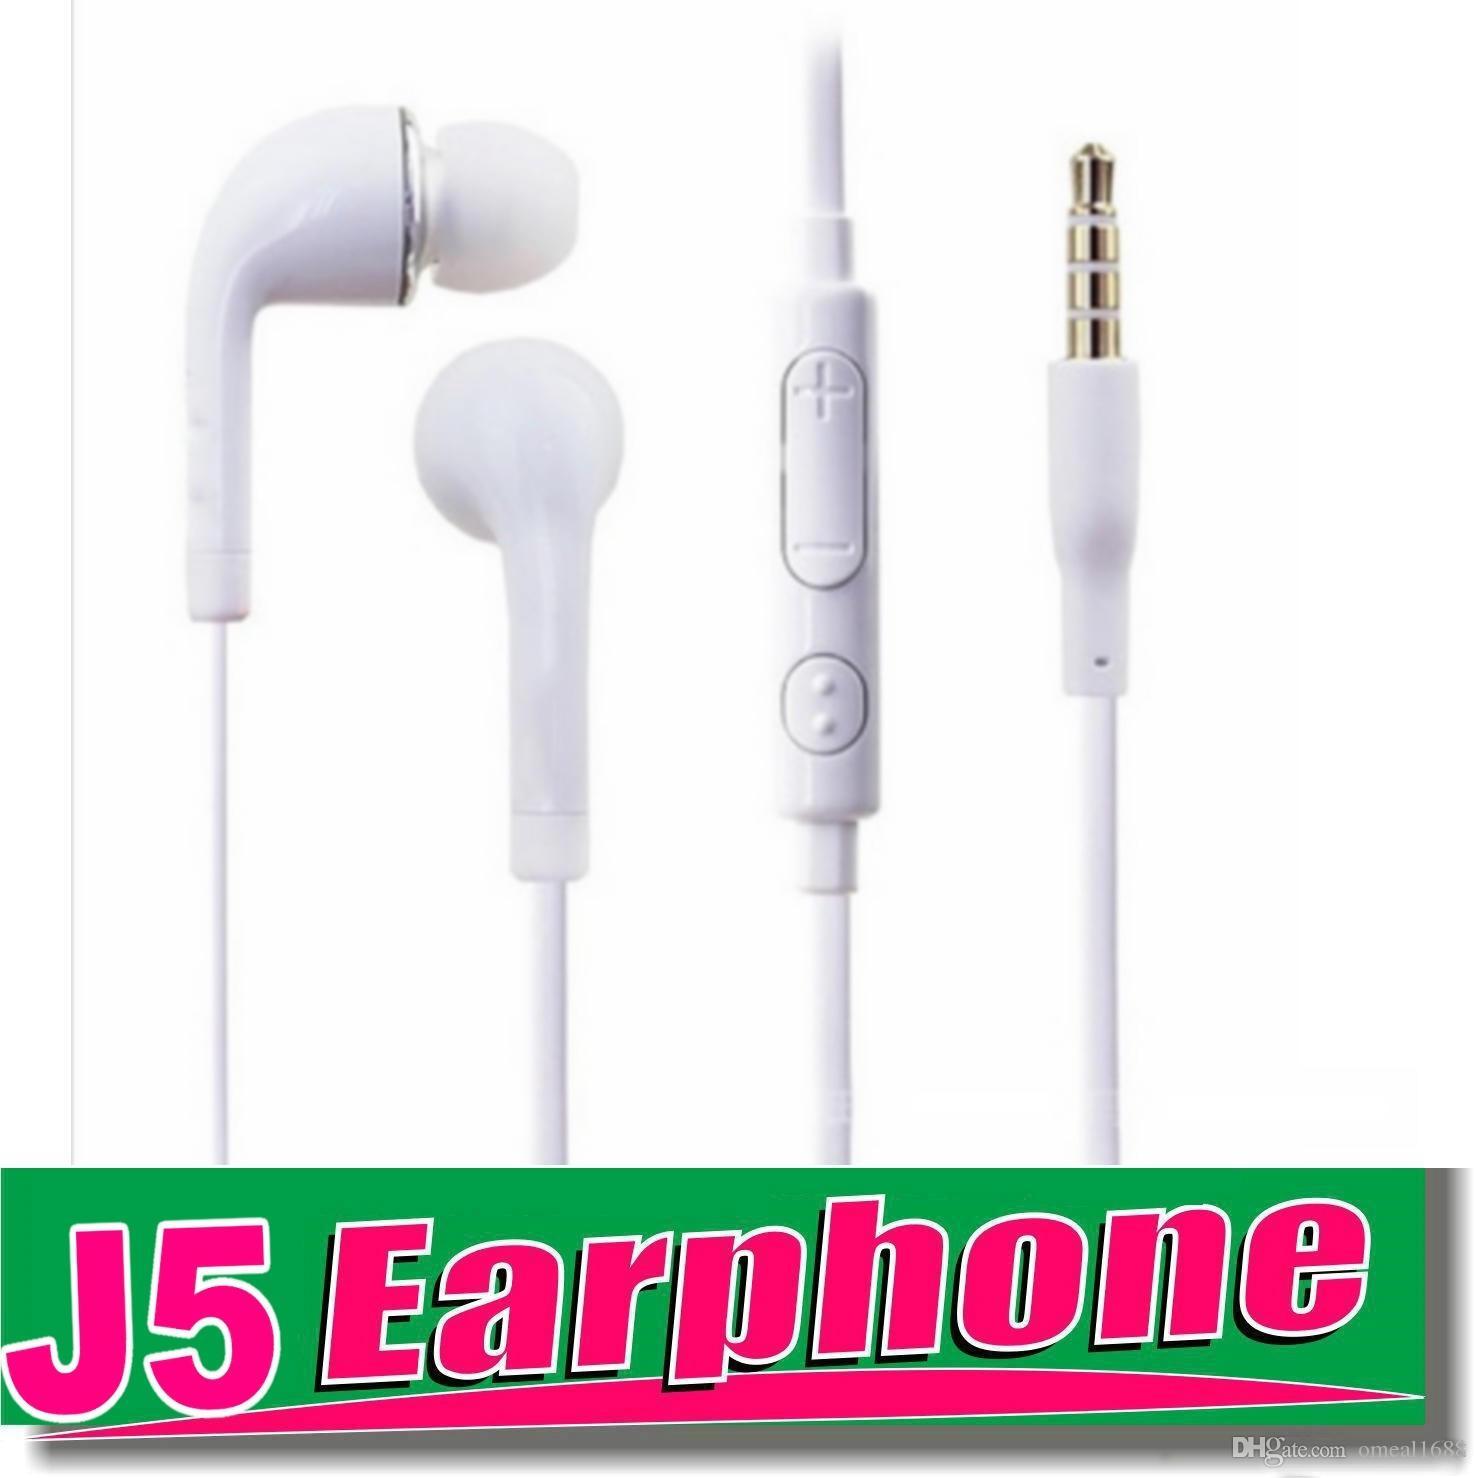 بالنسبة إلى Samsung S6 سماعة أذن OEM ستيريو بحجم 3.5 ملم متشابكة مع ميكروفون ومفتاح صوت للهاتف الذكي OM-T7